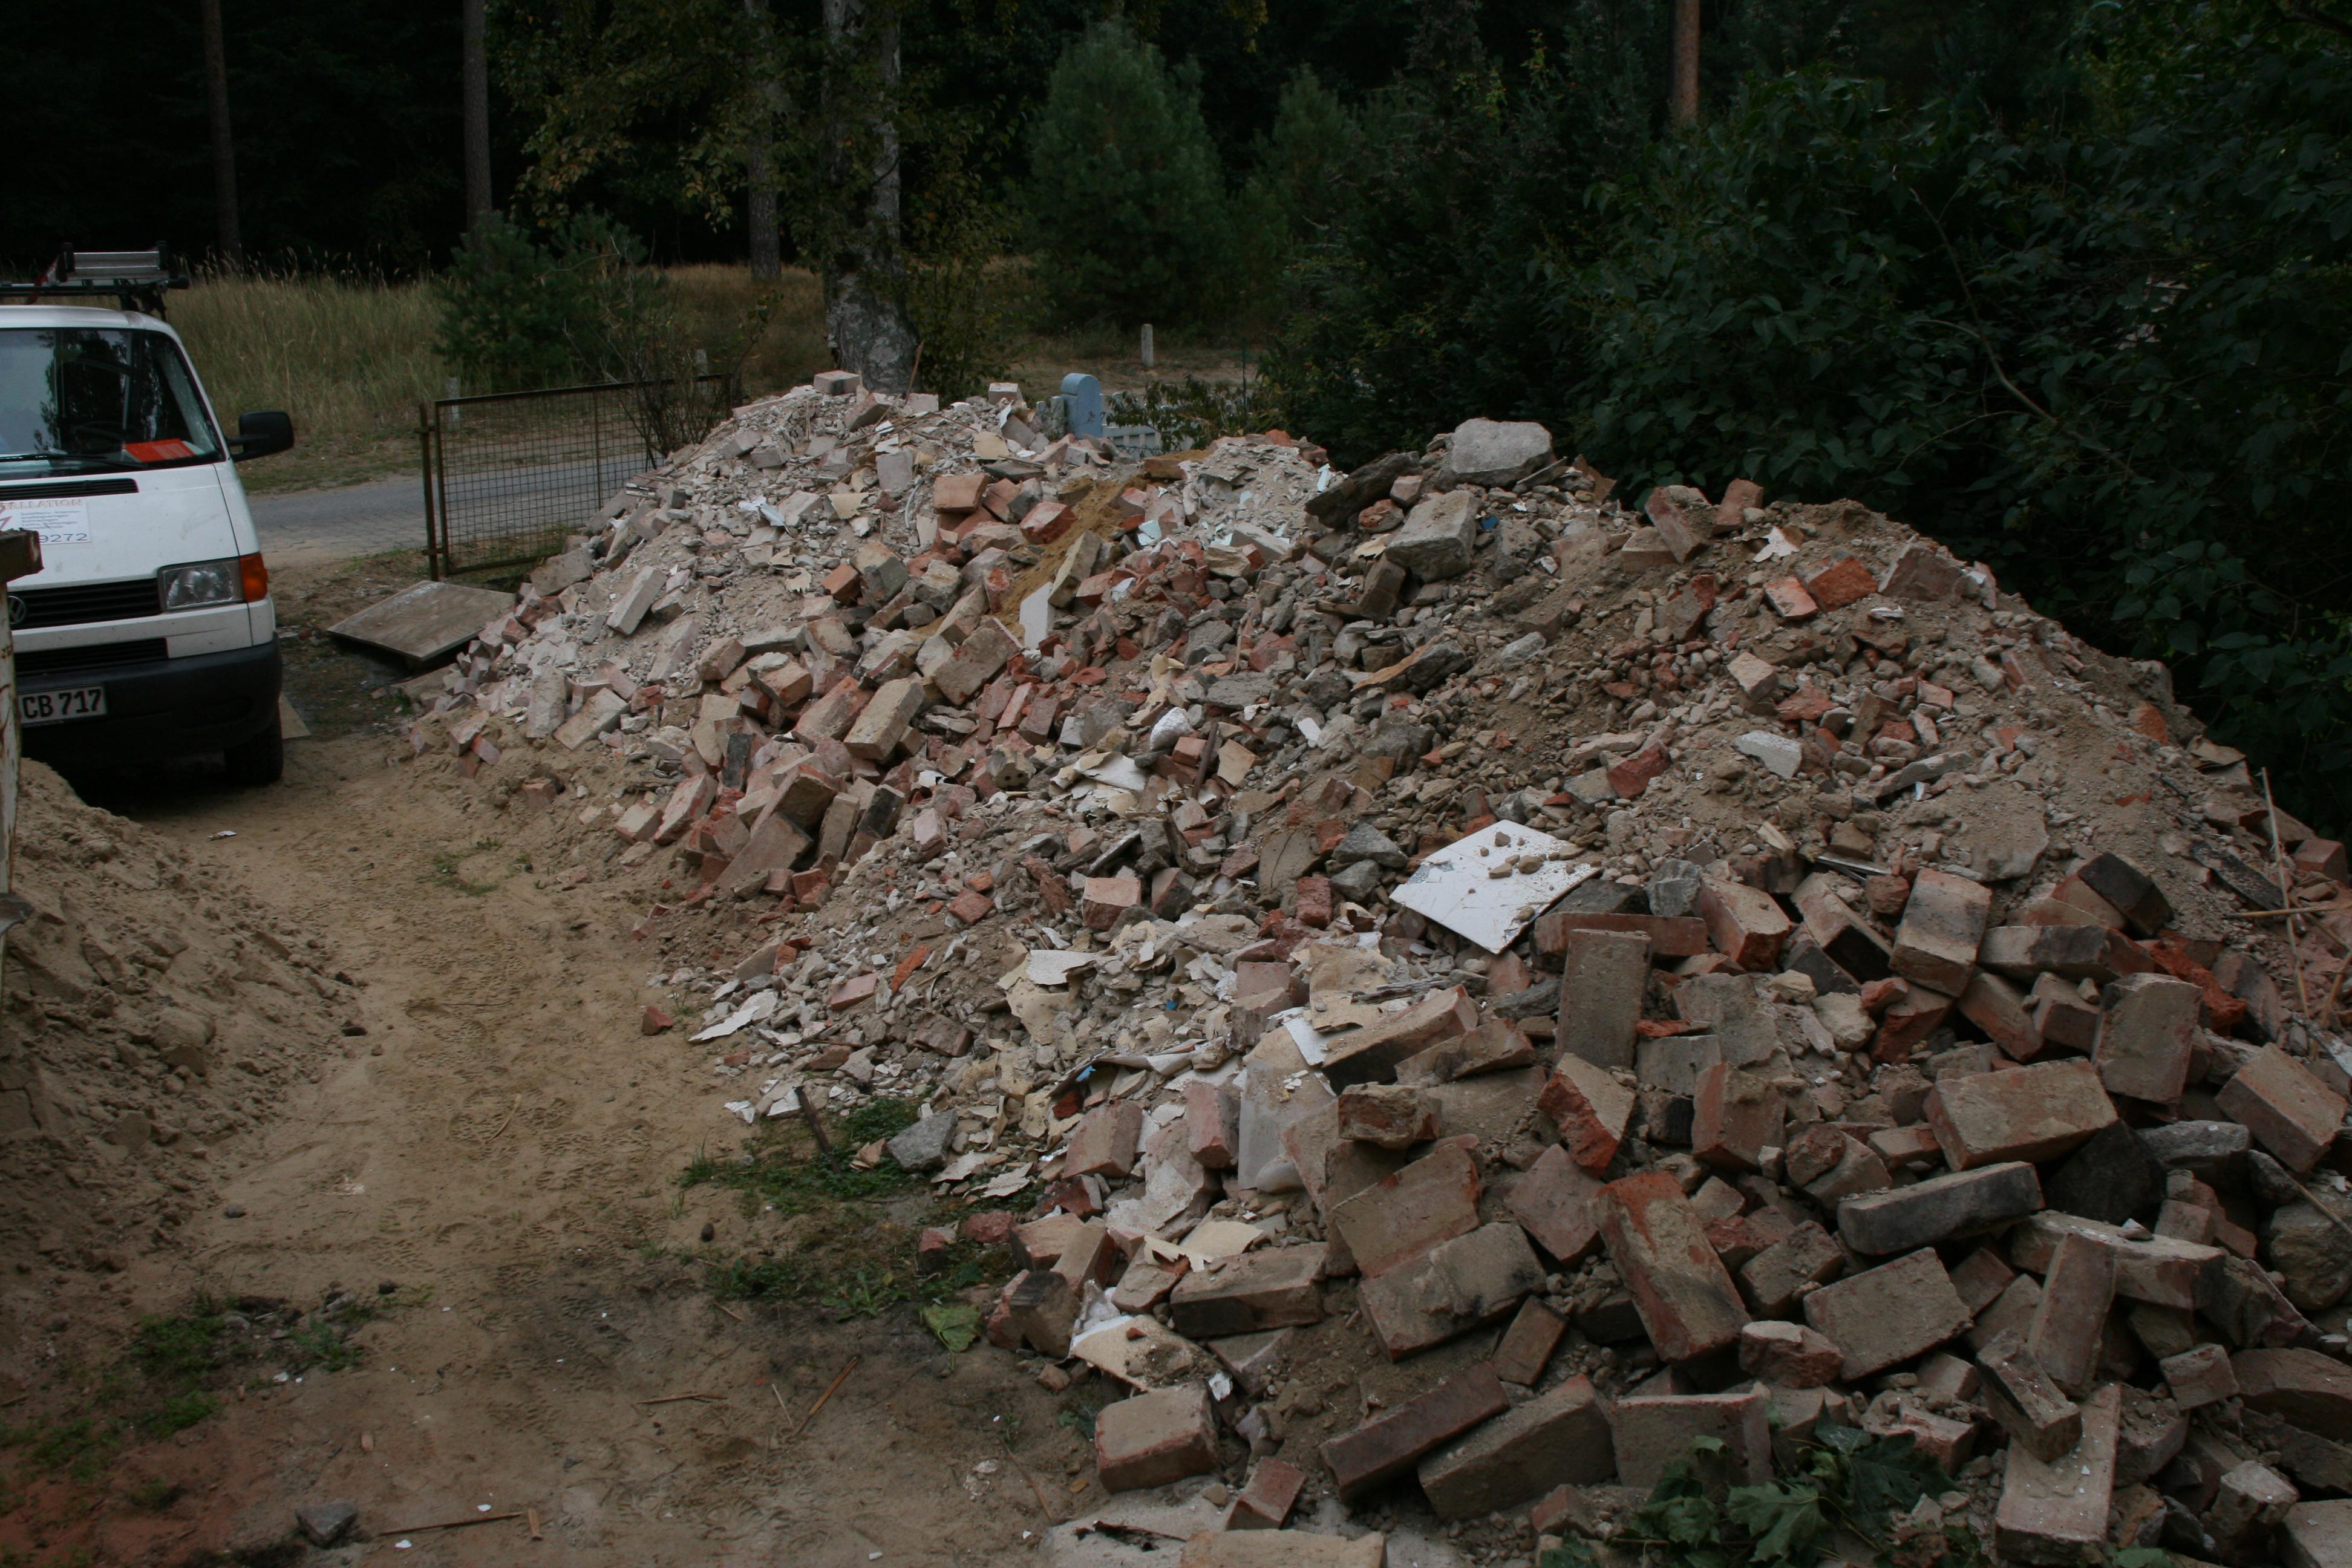 Steinhaufen statt Wege